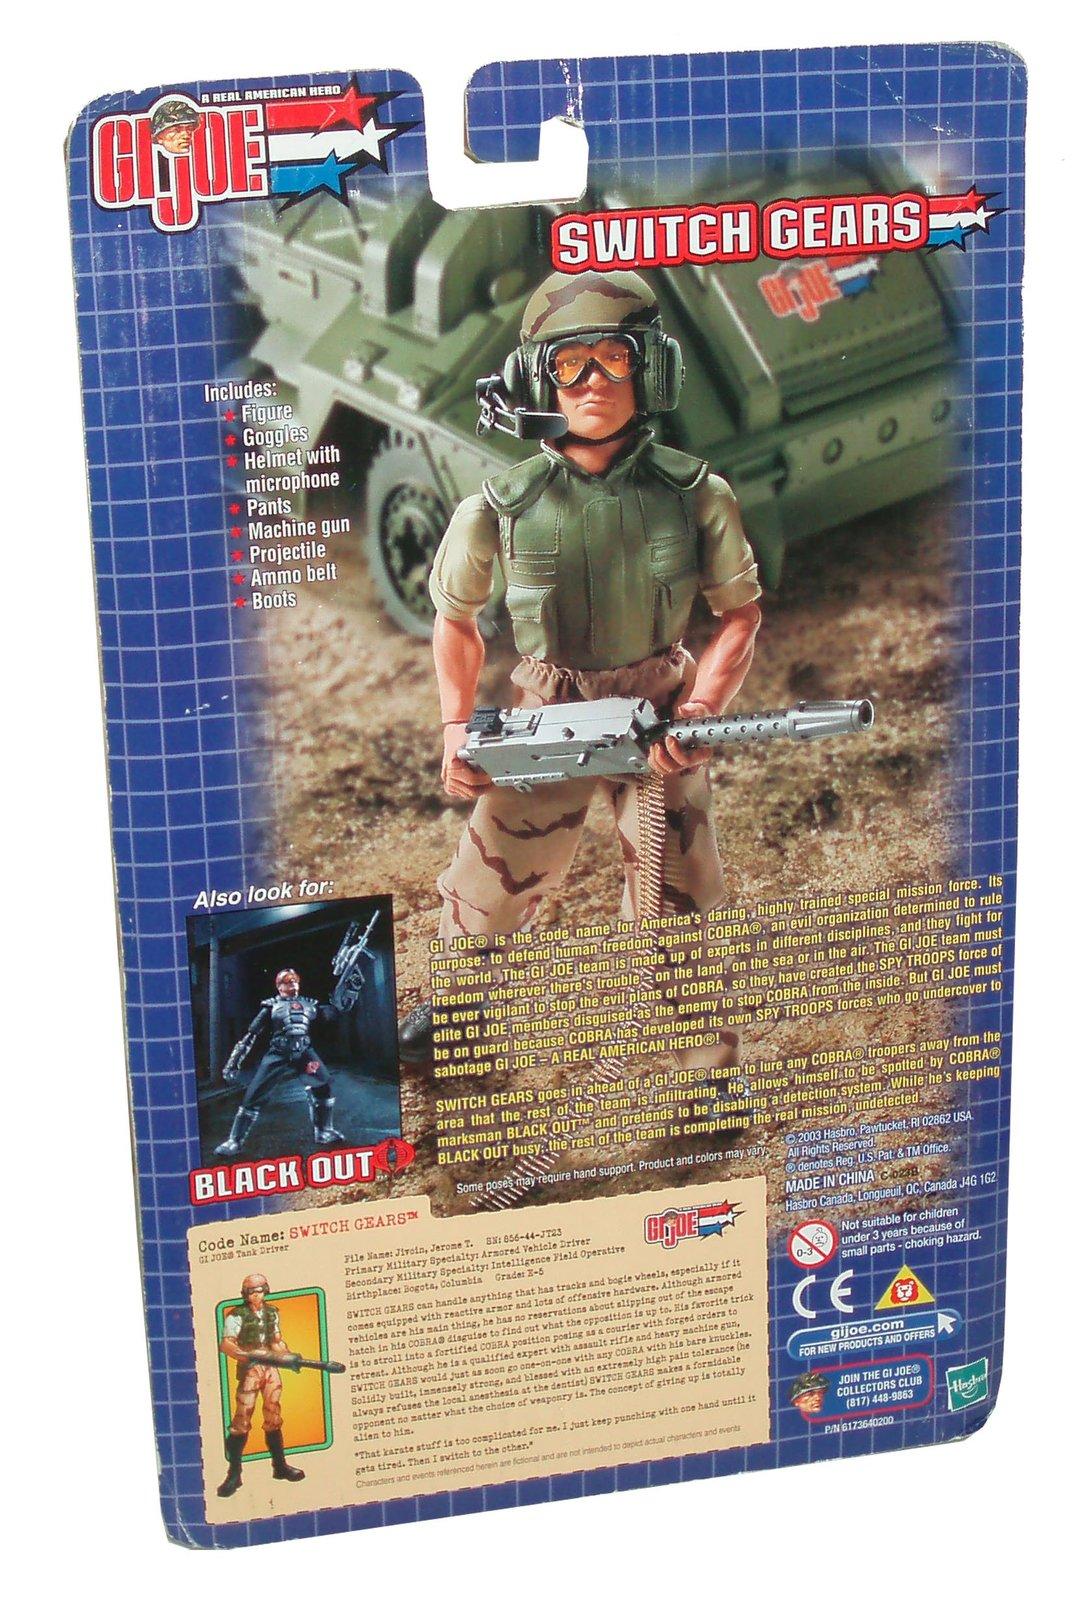 gi joe vs cobra year 2003 spy troops series 11 inch tall